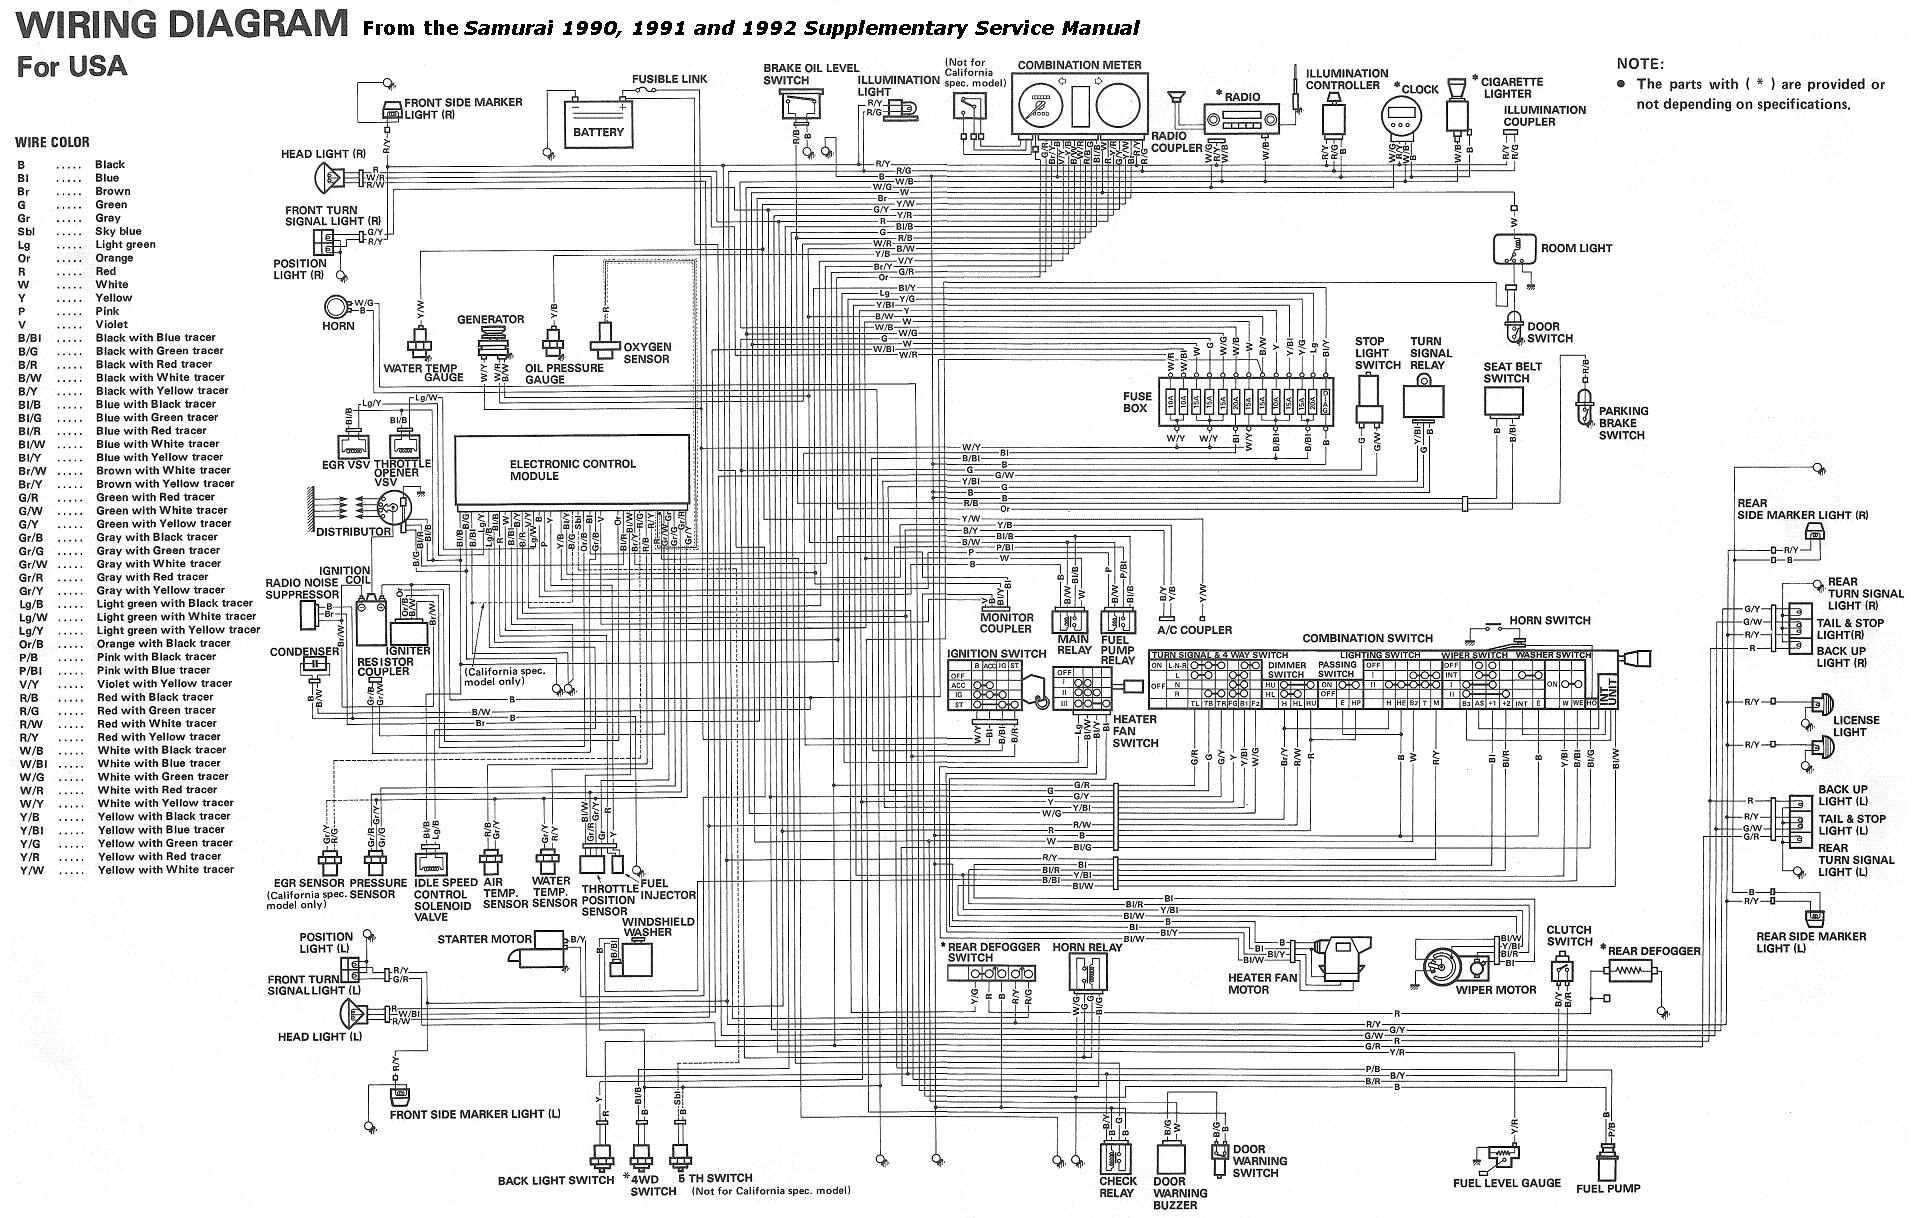 suzuki electrical wiring diagrams diy wiring diagrams u2022 rh aviomar co Toyota Electrical Wiring Diagram Residential Electrical Wiring Diagrams